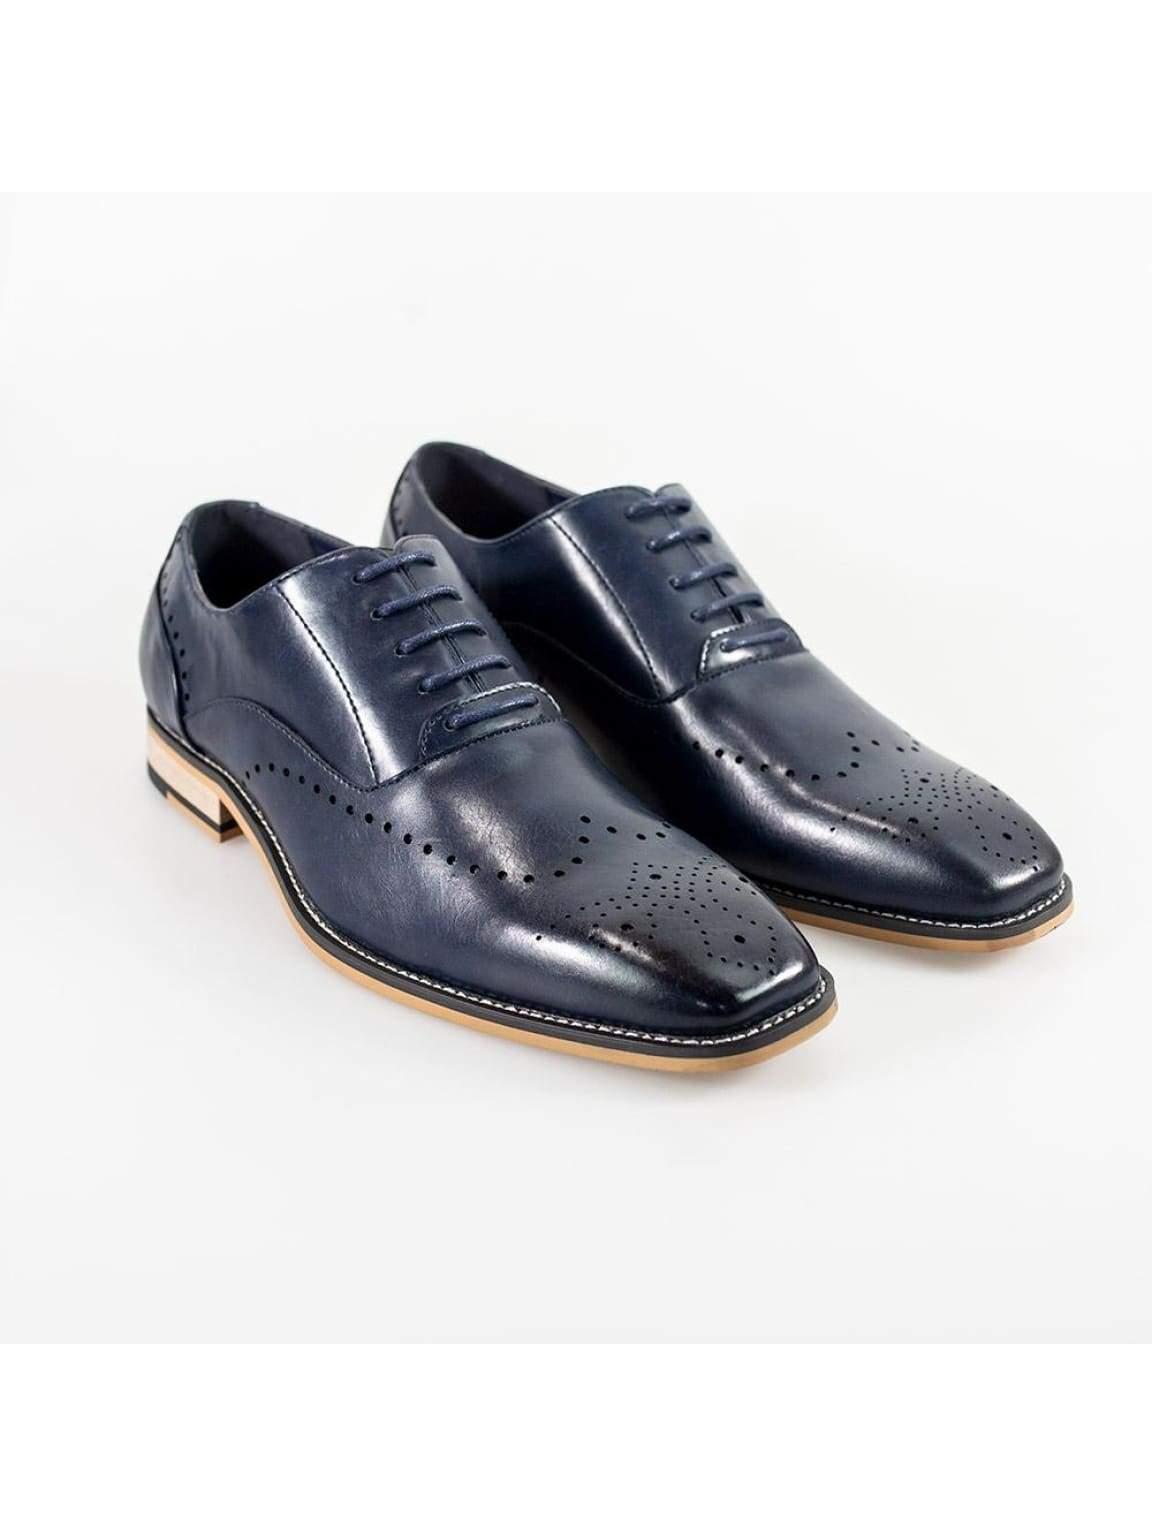 Cavani Fabian Mens Navy Shoe - UK7   EU41 - Shoes